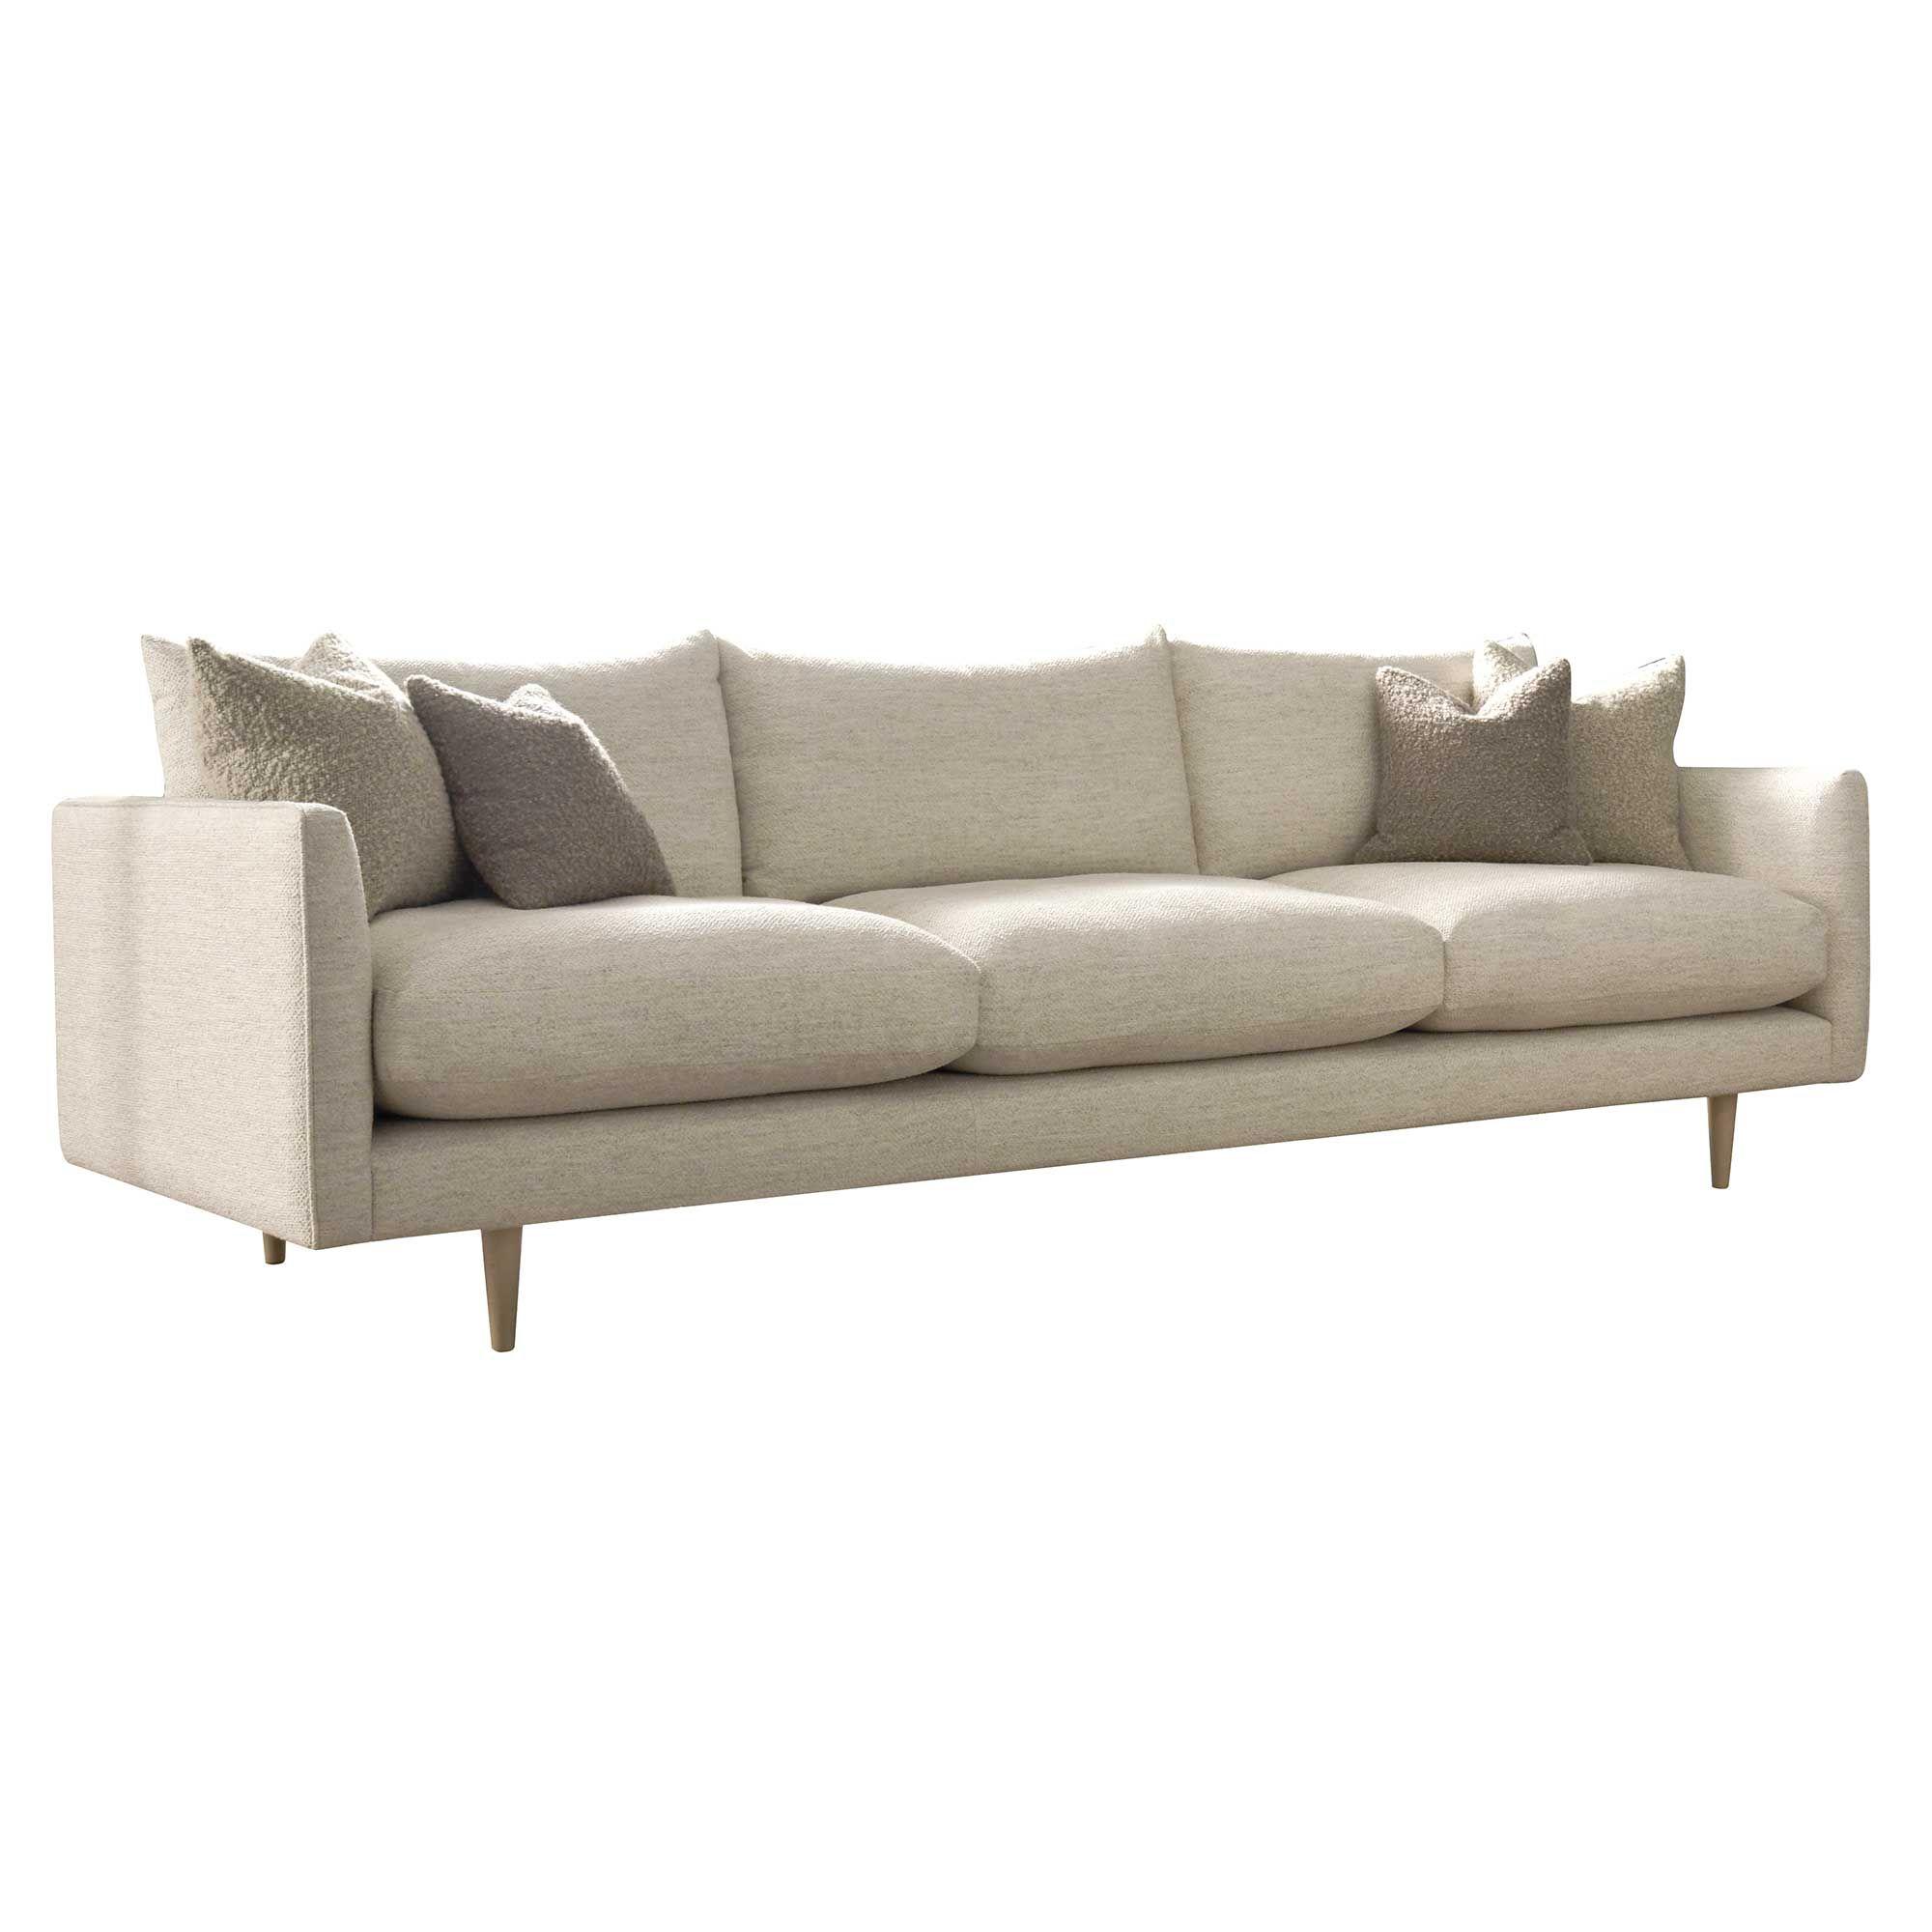 Levico Extra Large Sofa, Fabric | Sofas - Barker ...